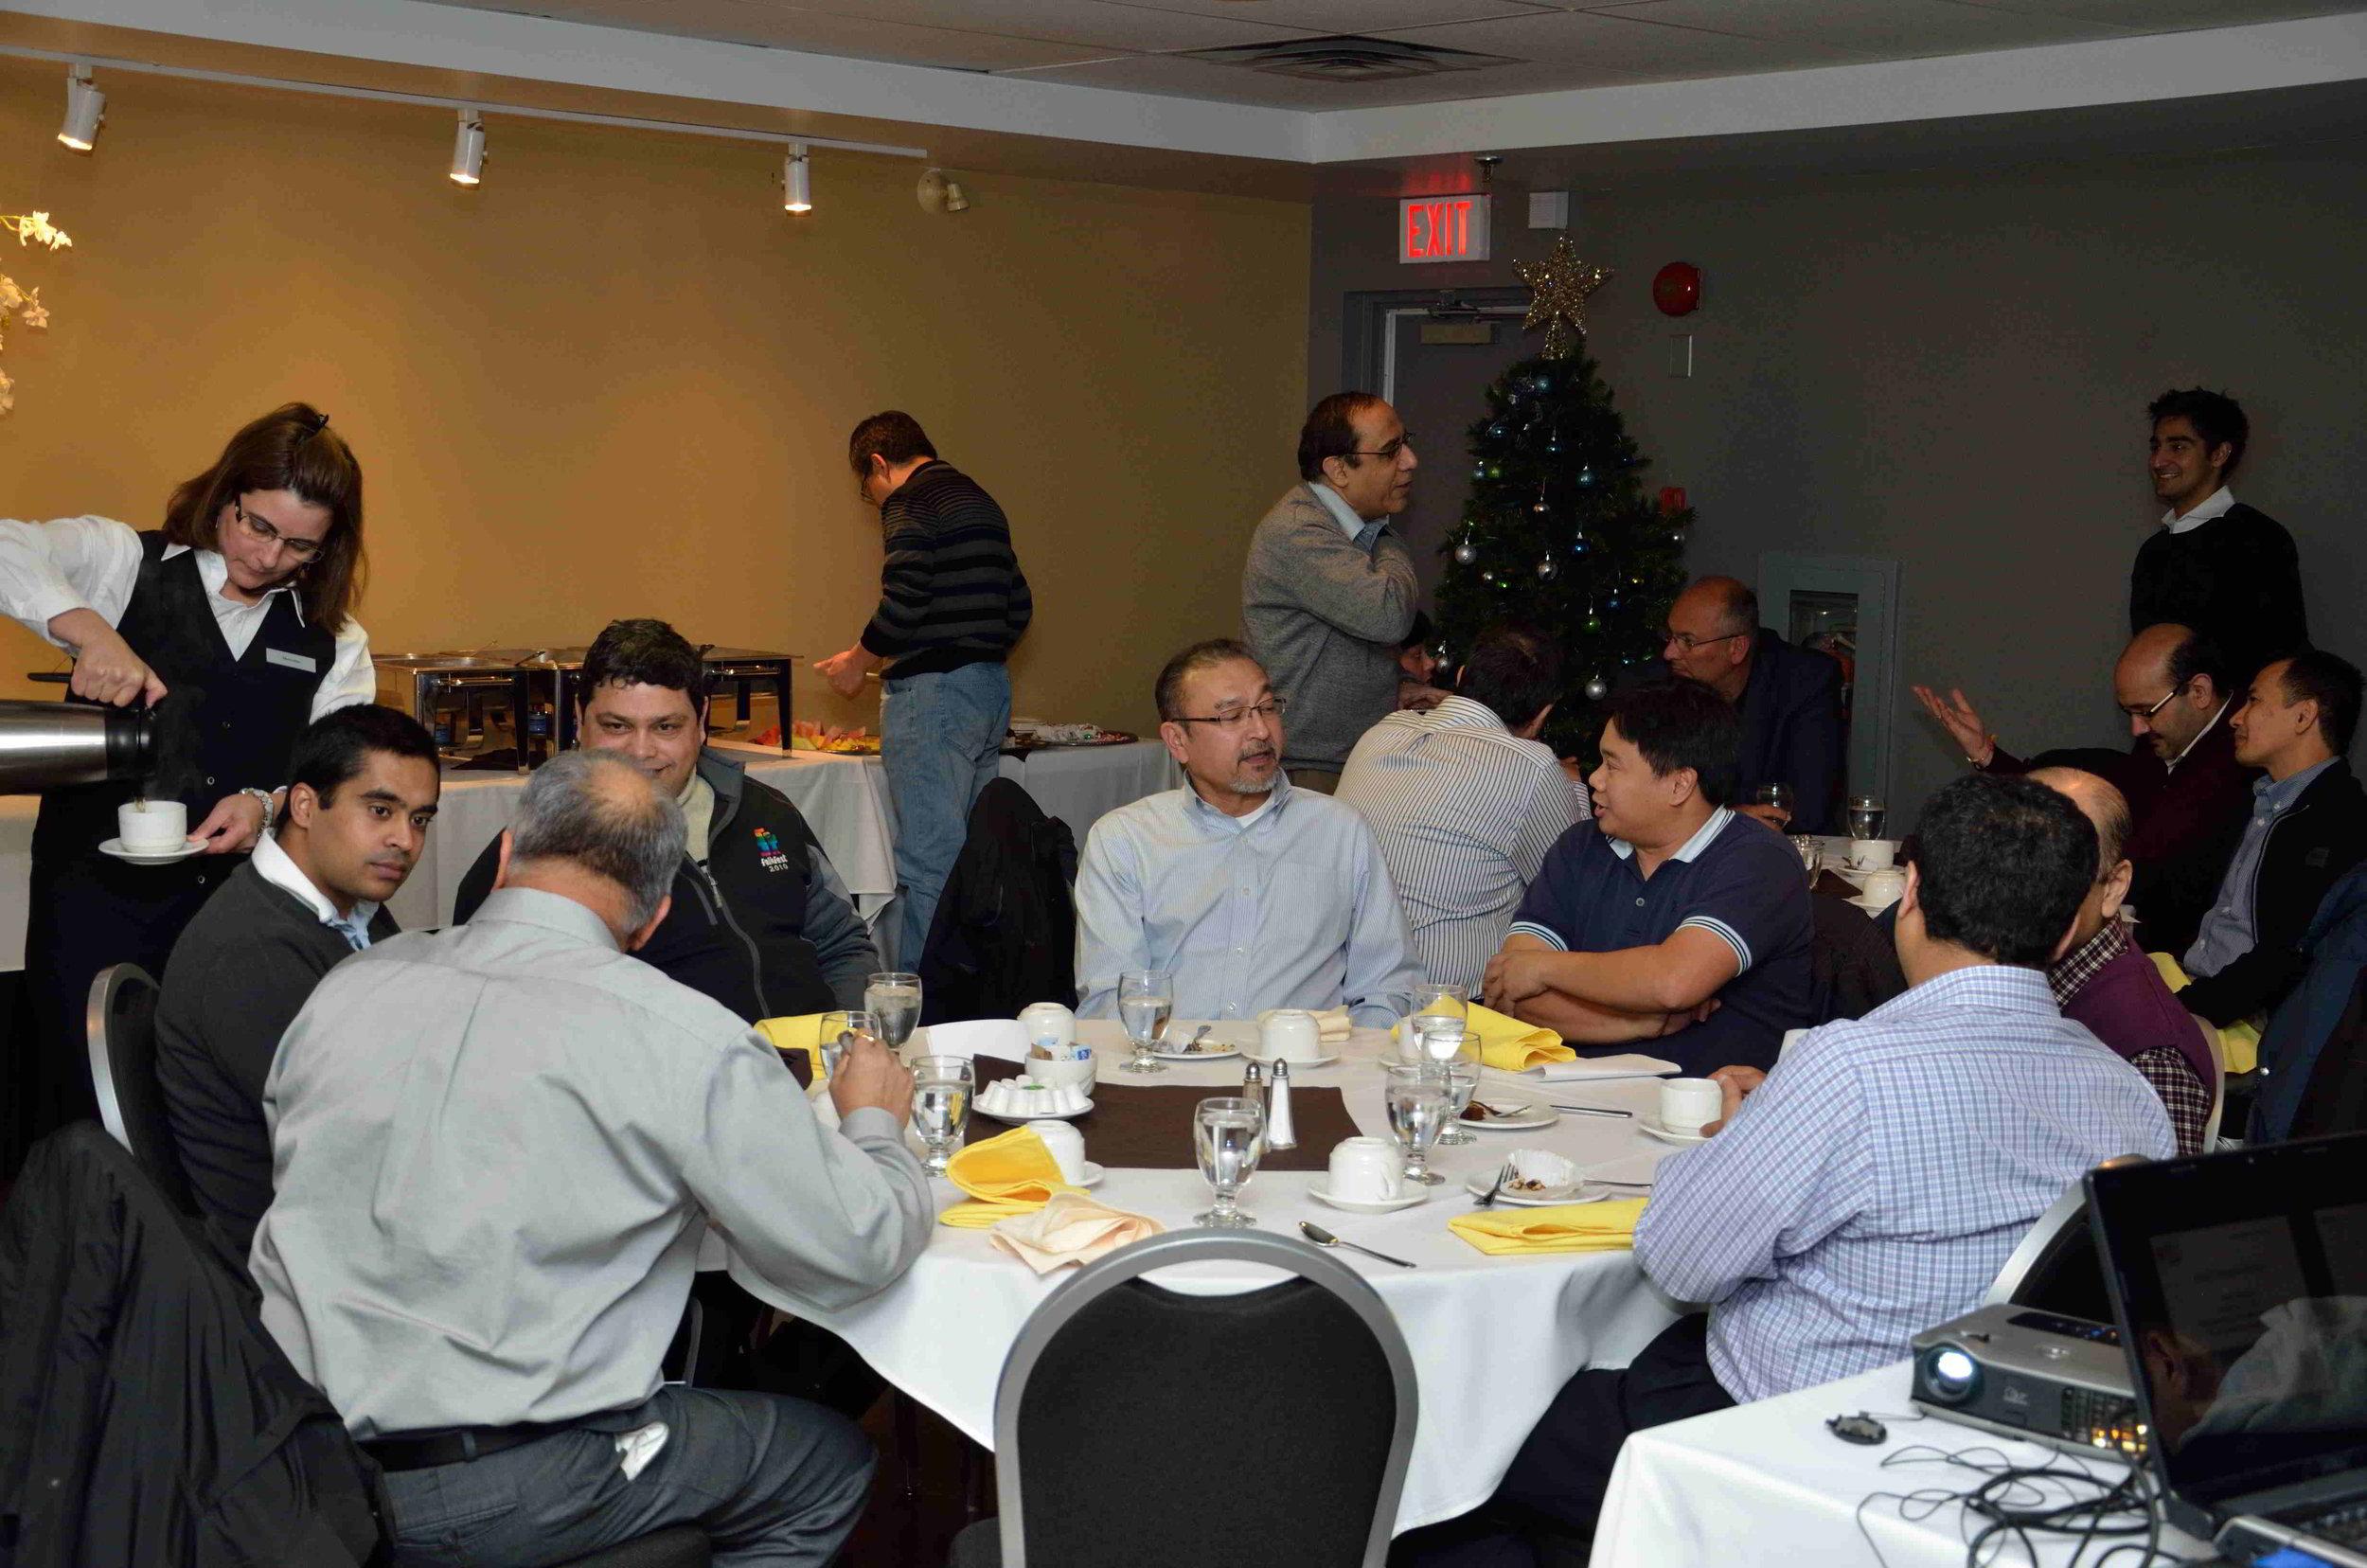 2014-11 November Dinner - Photo 5.jpg